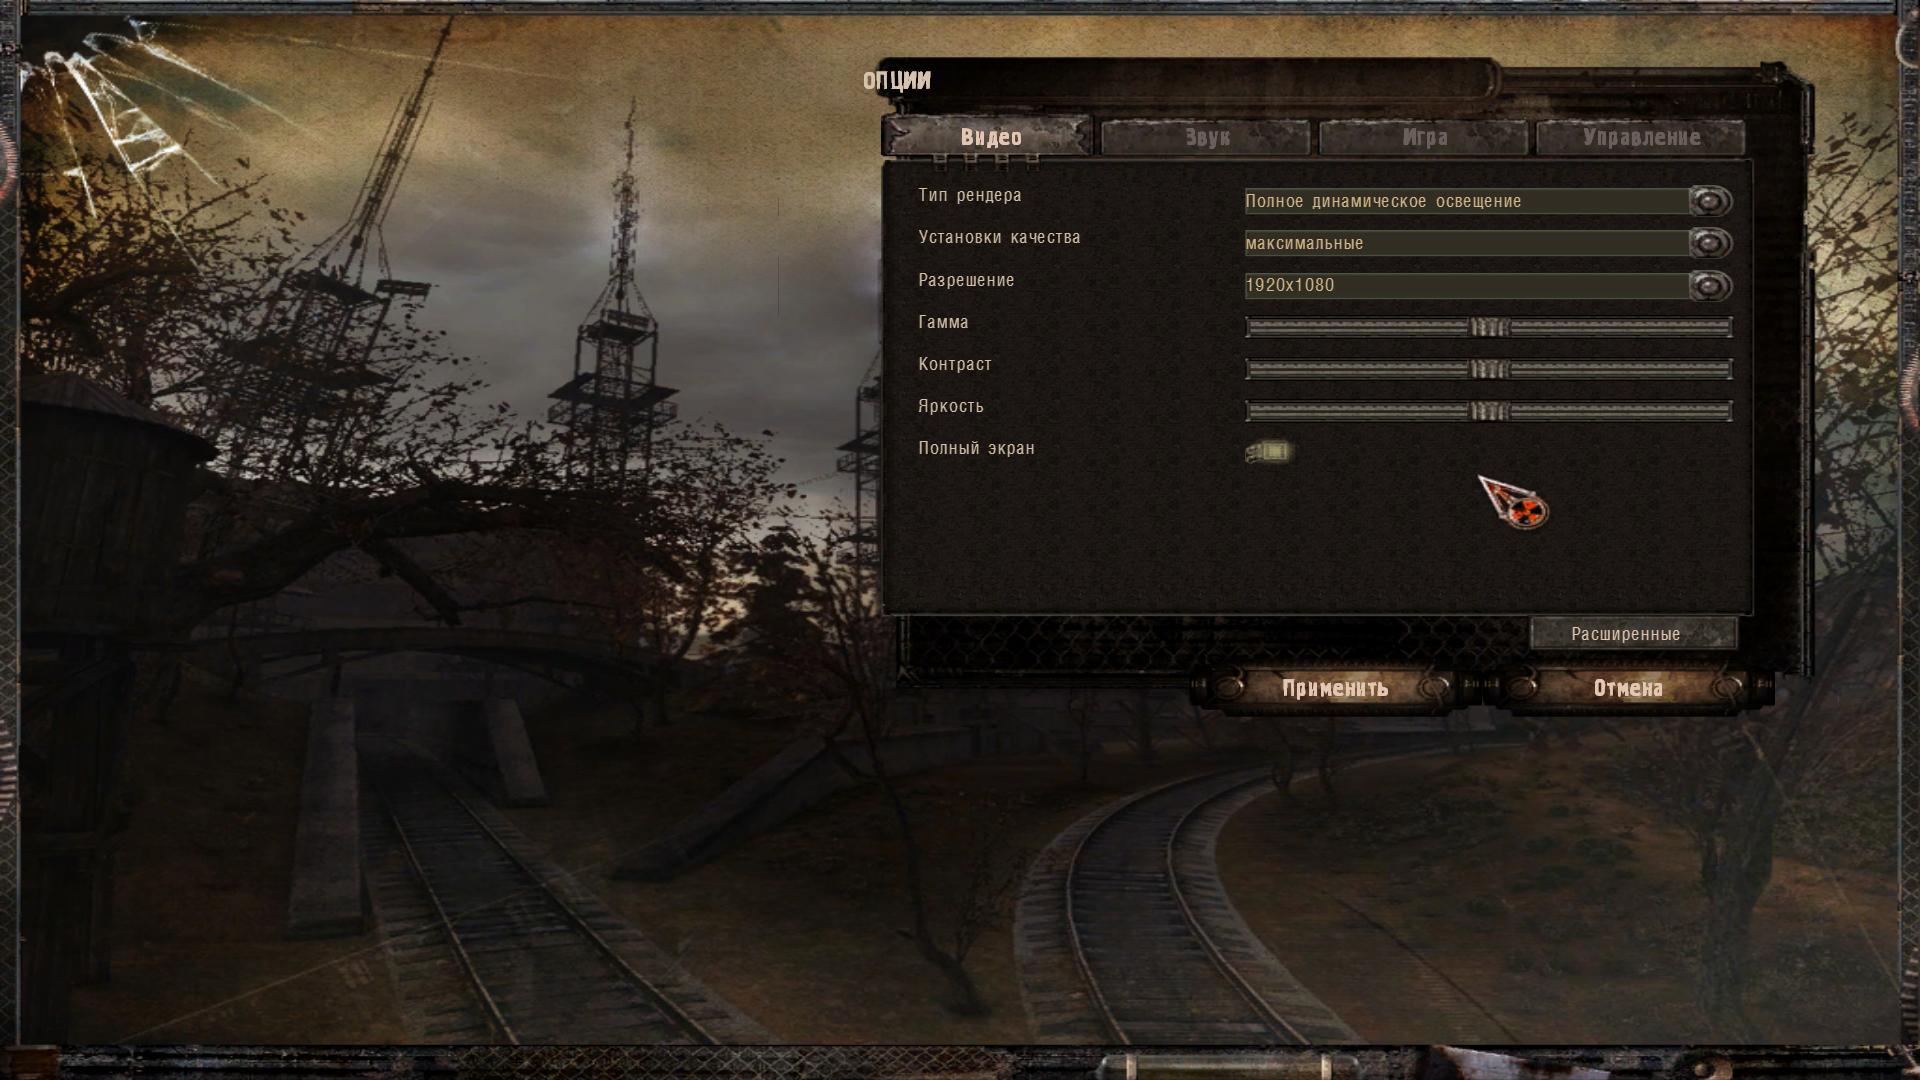 Шейдеры Shаders Max v1.06 настроенные с правкой опечатки шейдеров стекла